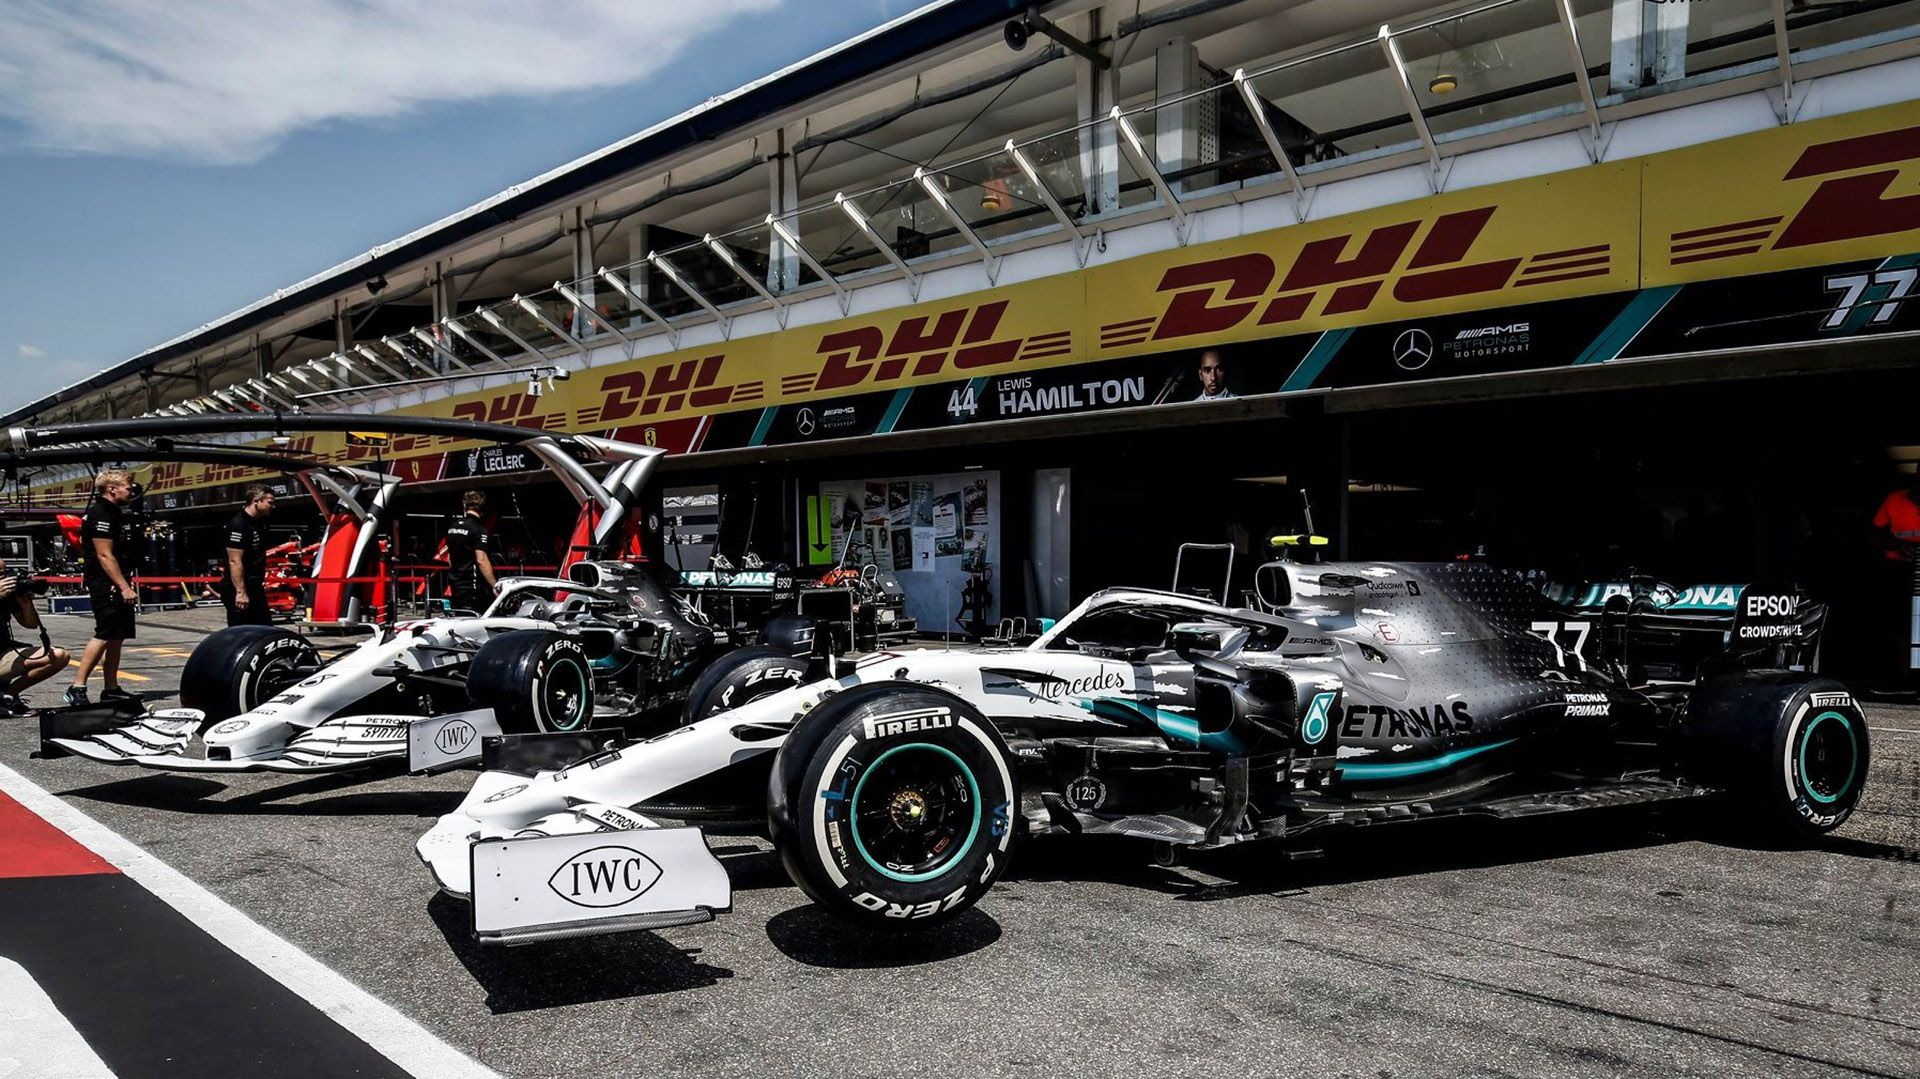 Los autos con la decoración especial que lucen este fin de semana por las 200 carreras.